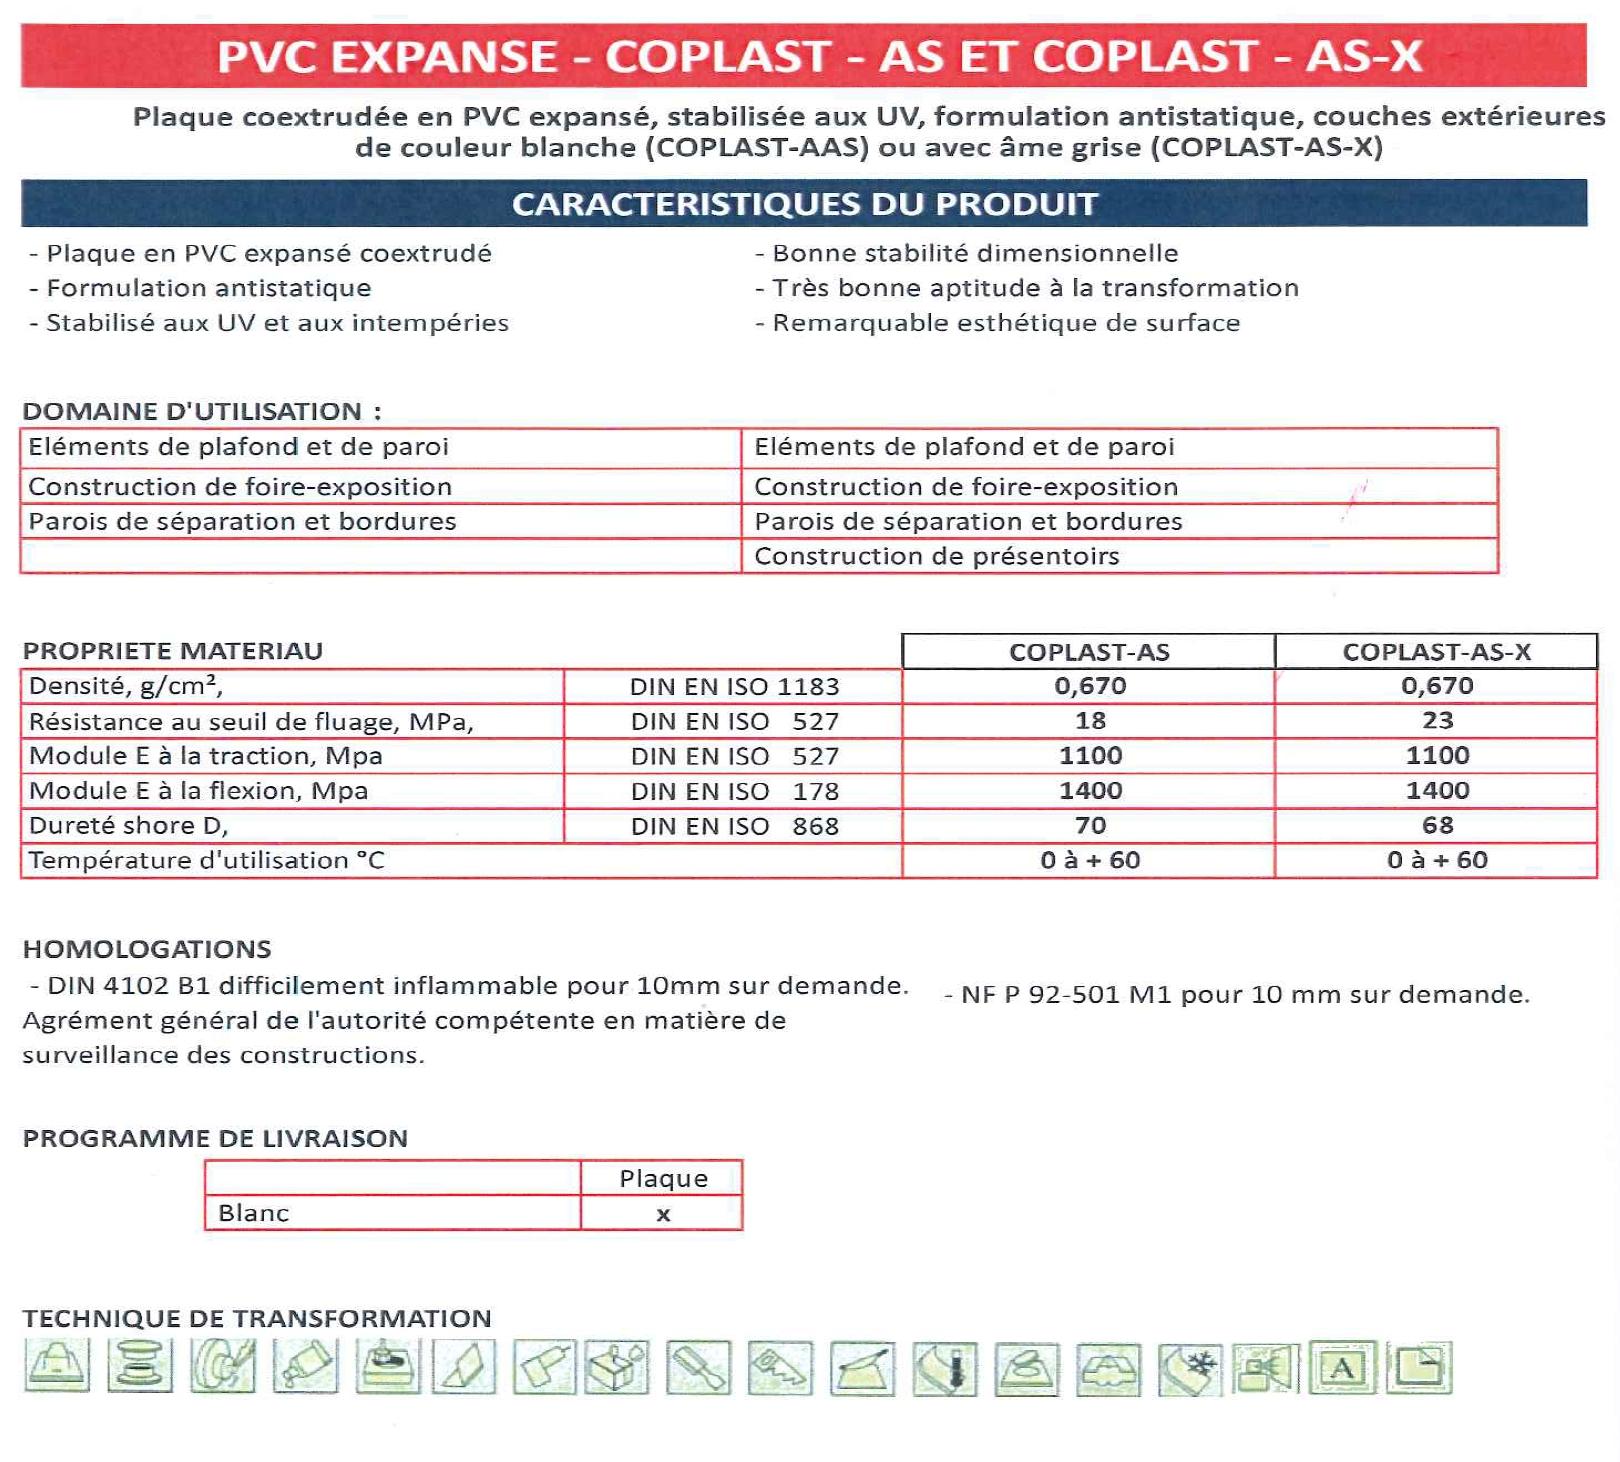 9. PVC EXPANSE COPLAST